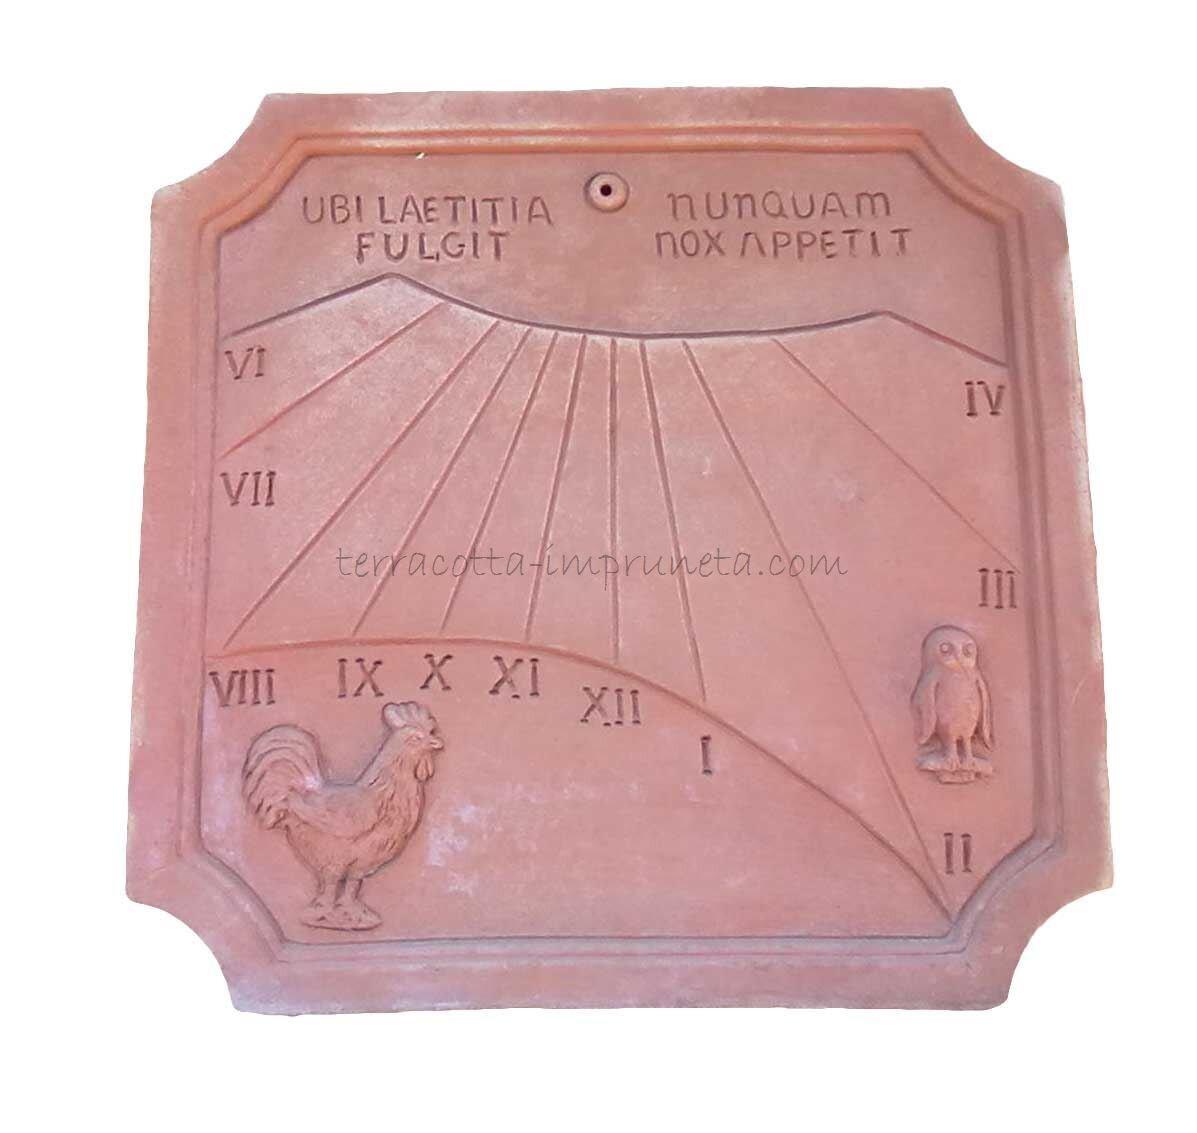 Meridiana Ubi Laetitia - Sonnenuhr